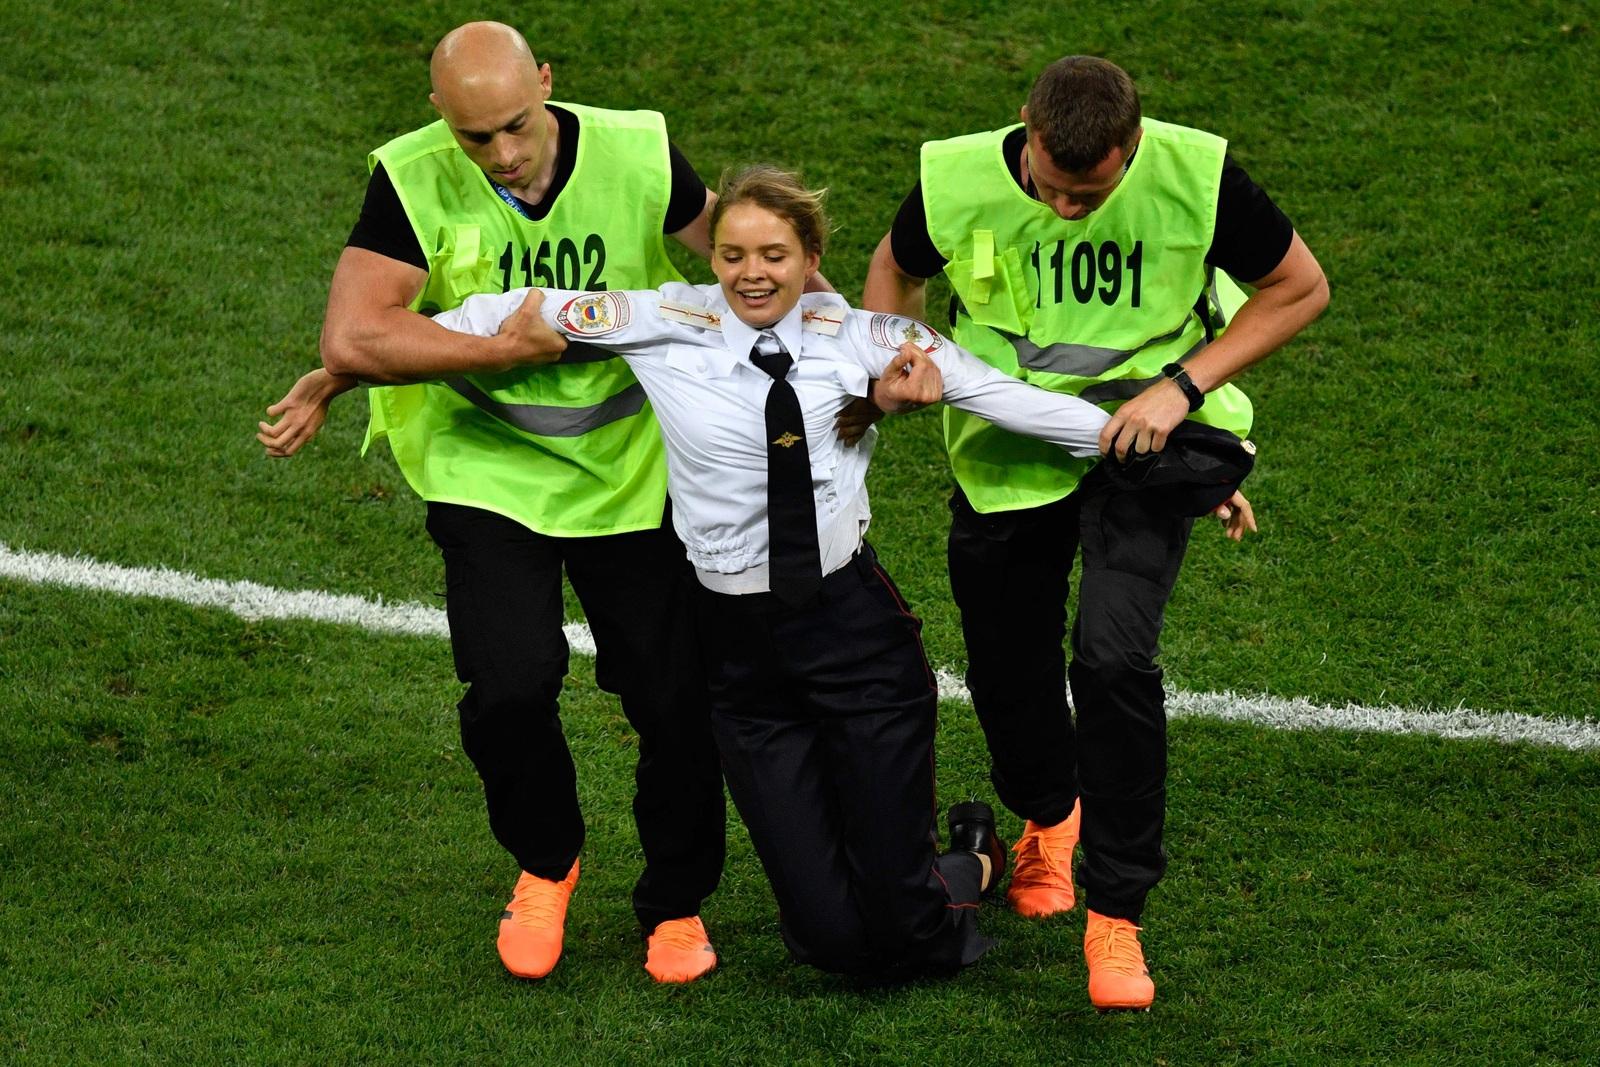 Dpa Aaron Chown Fusball Wm  Finale Frankreich Gegen Kroatien Flitzer Riot